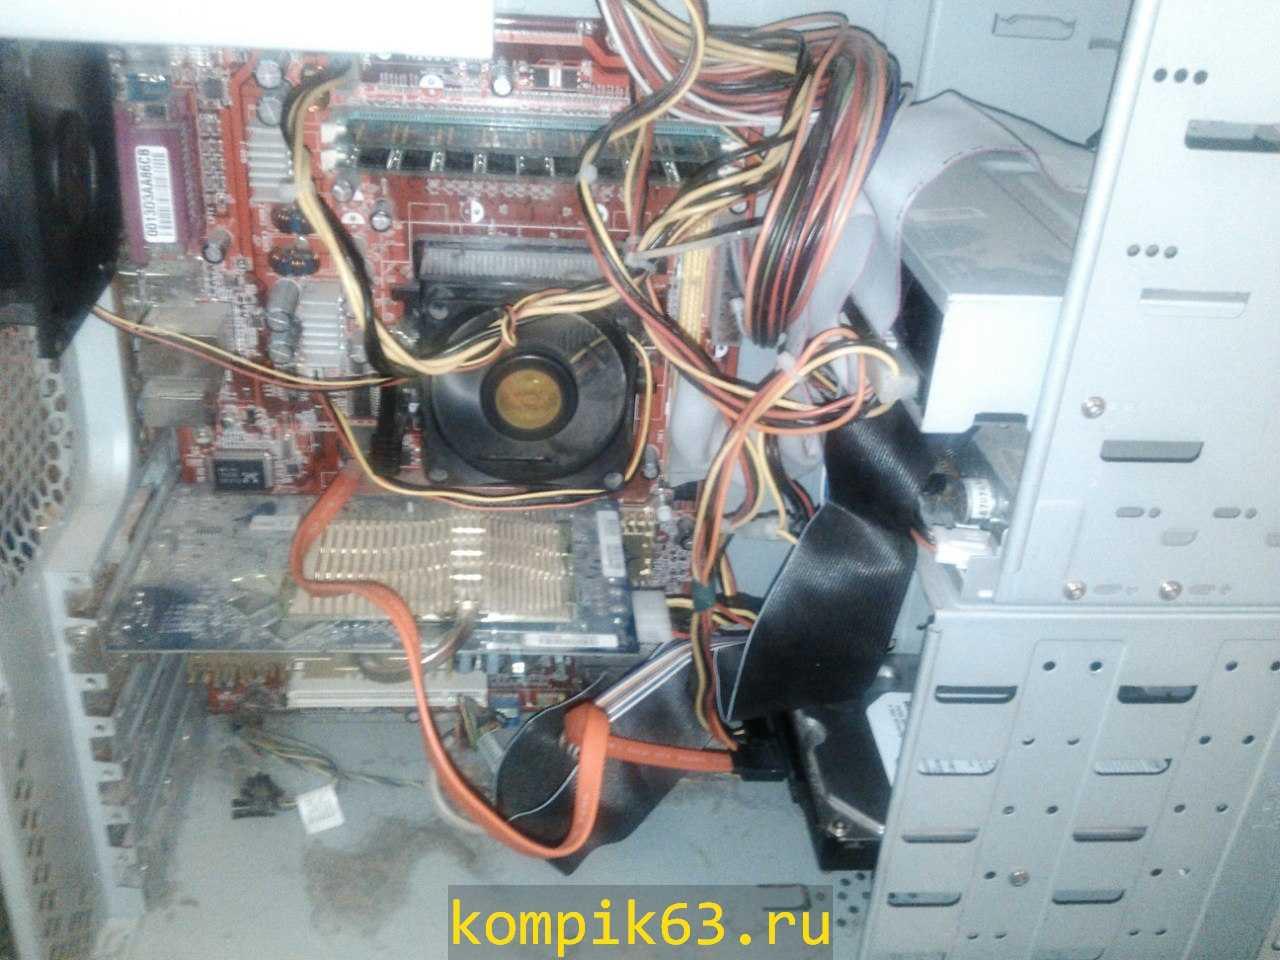 kompik63.ru-102